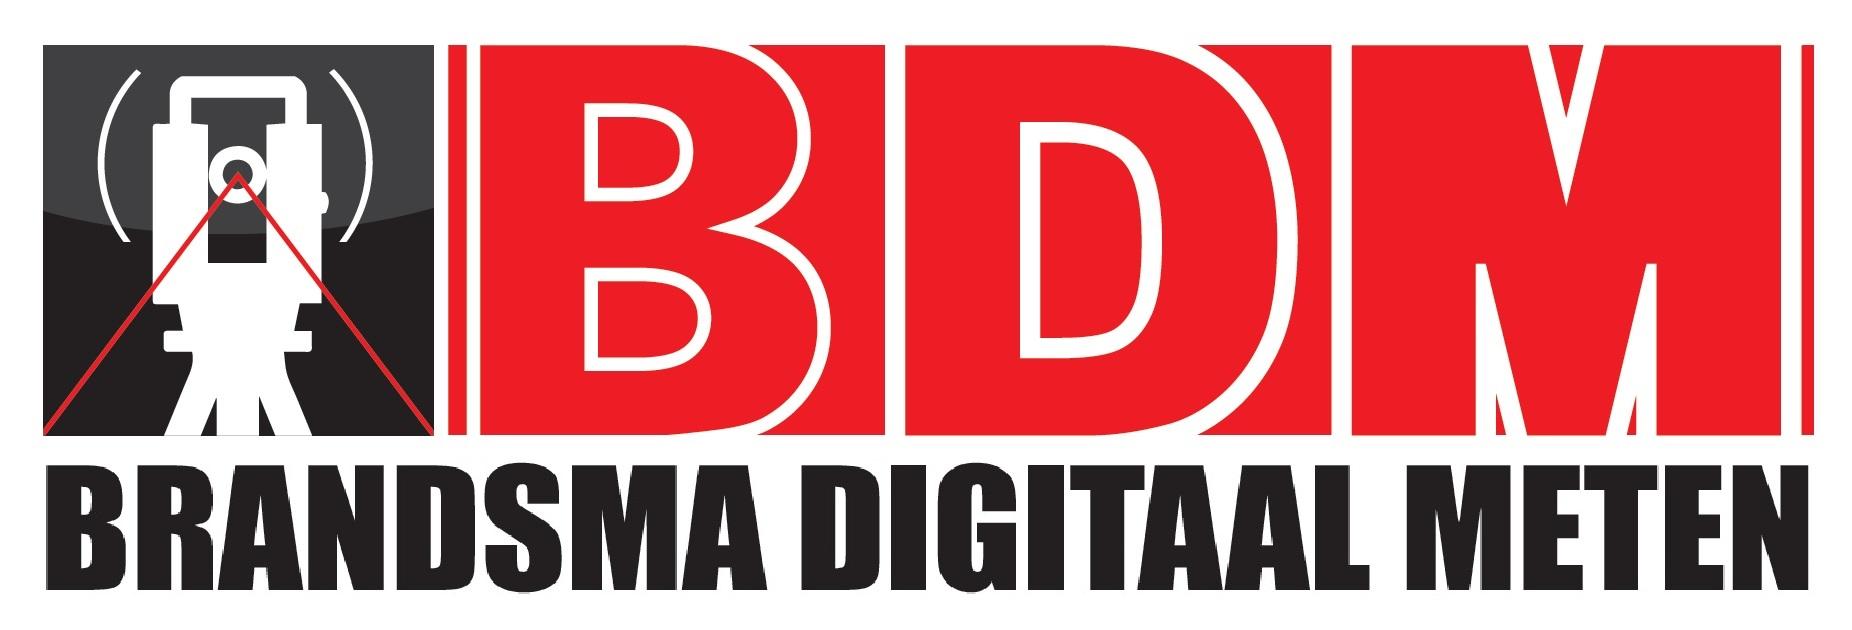 Brandsma Digitaal Meten